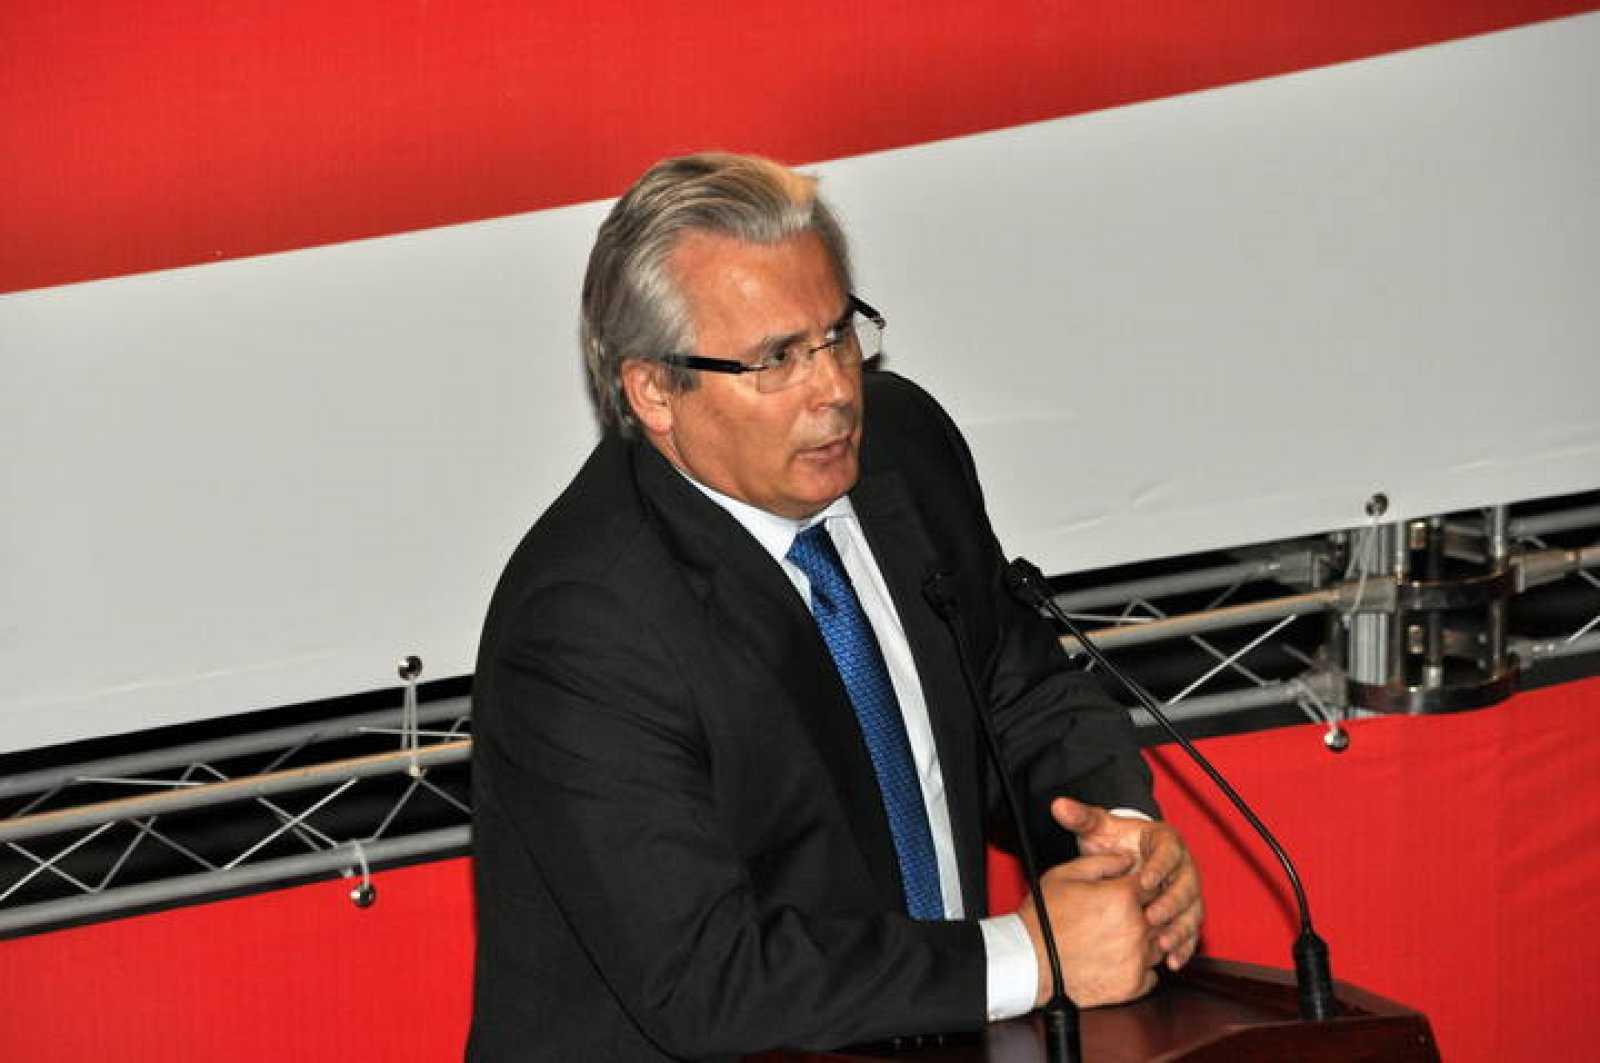 El juez Baltasar Garzón no ha conseguido sacar adelante los recursos contra Varela y Marchena.